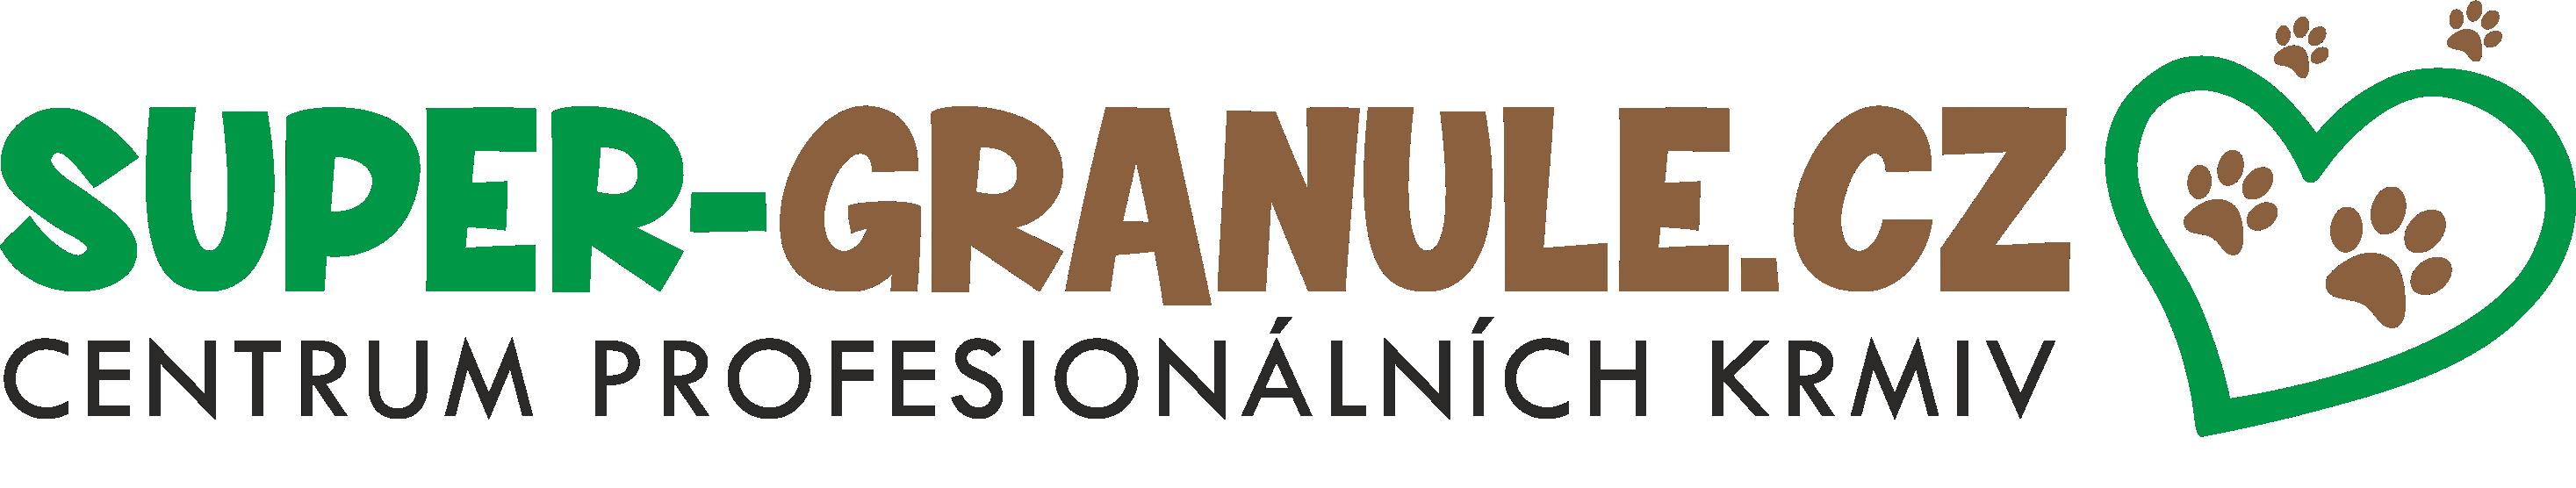 super-granule.cz CENTRUM PROFESIONÁLNÍCH KRMIV